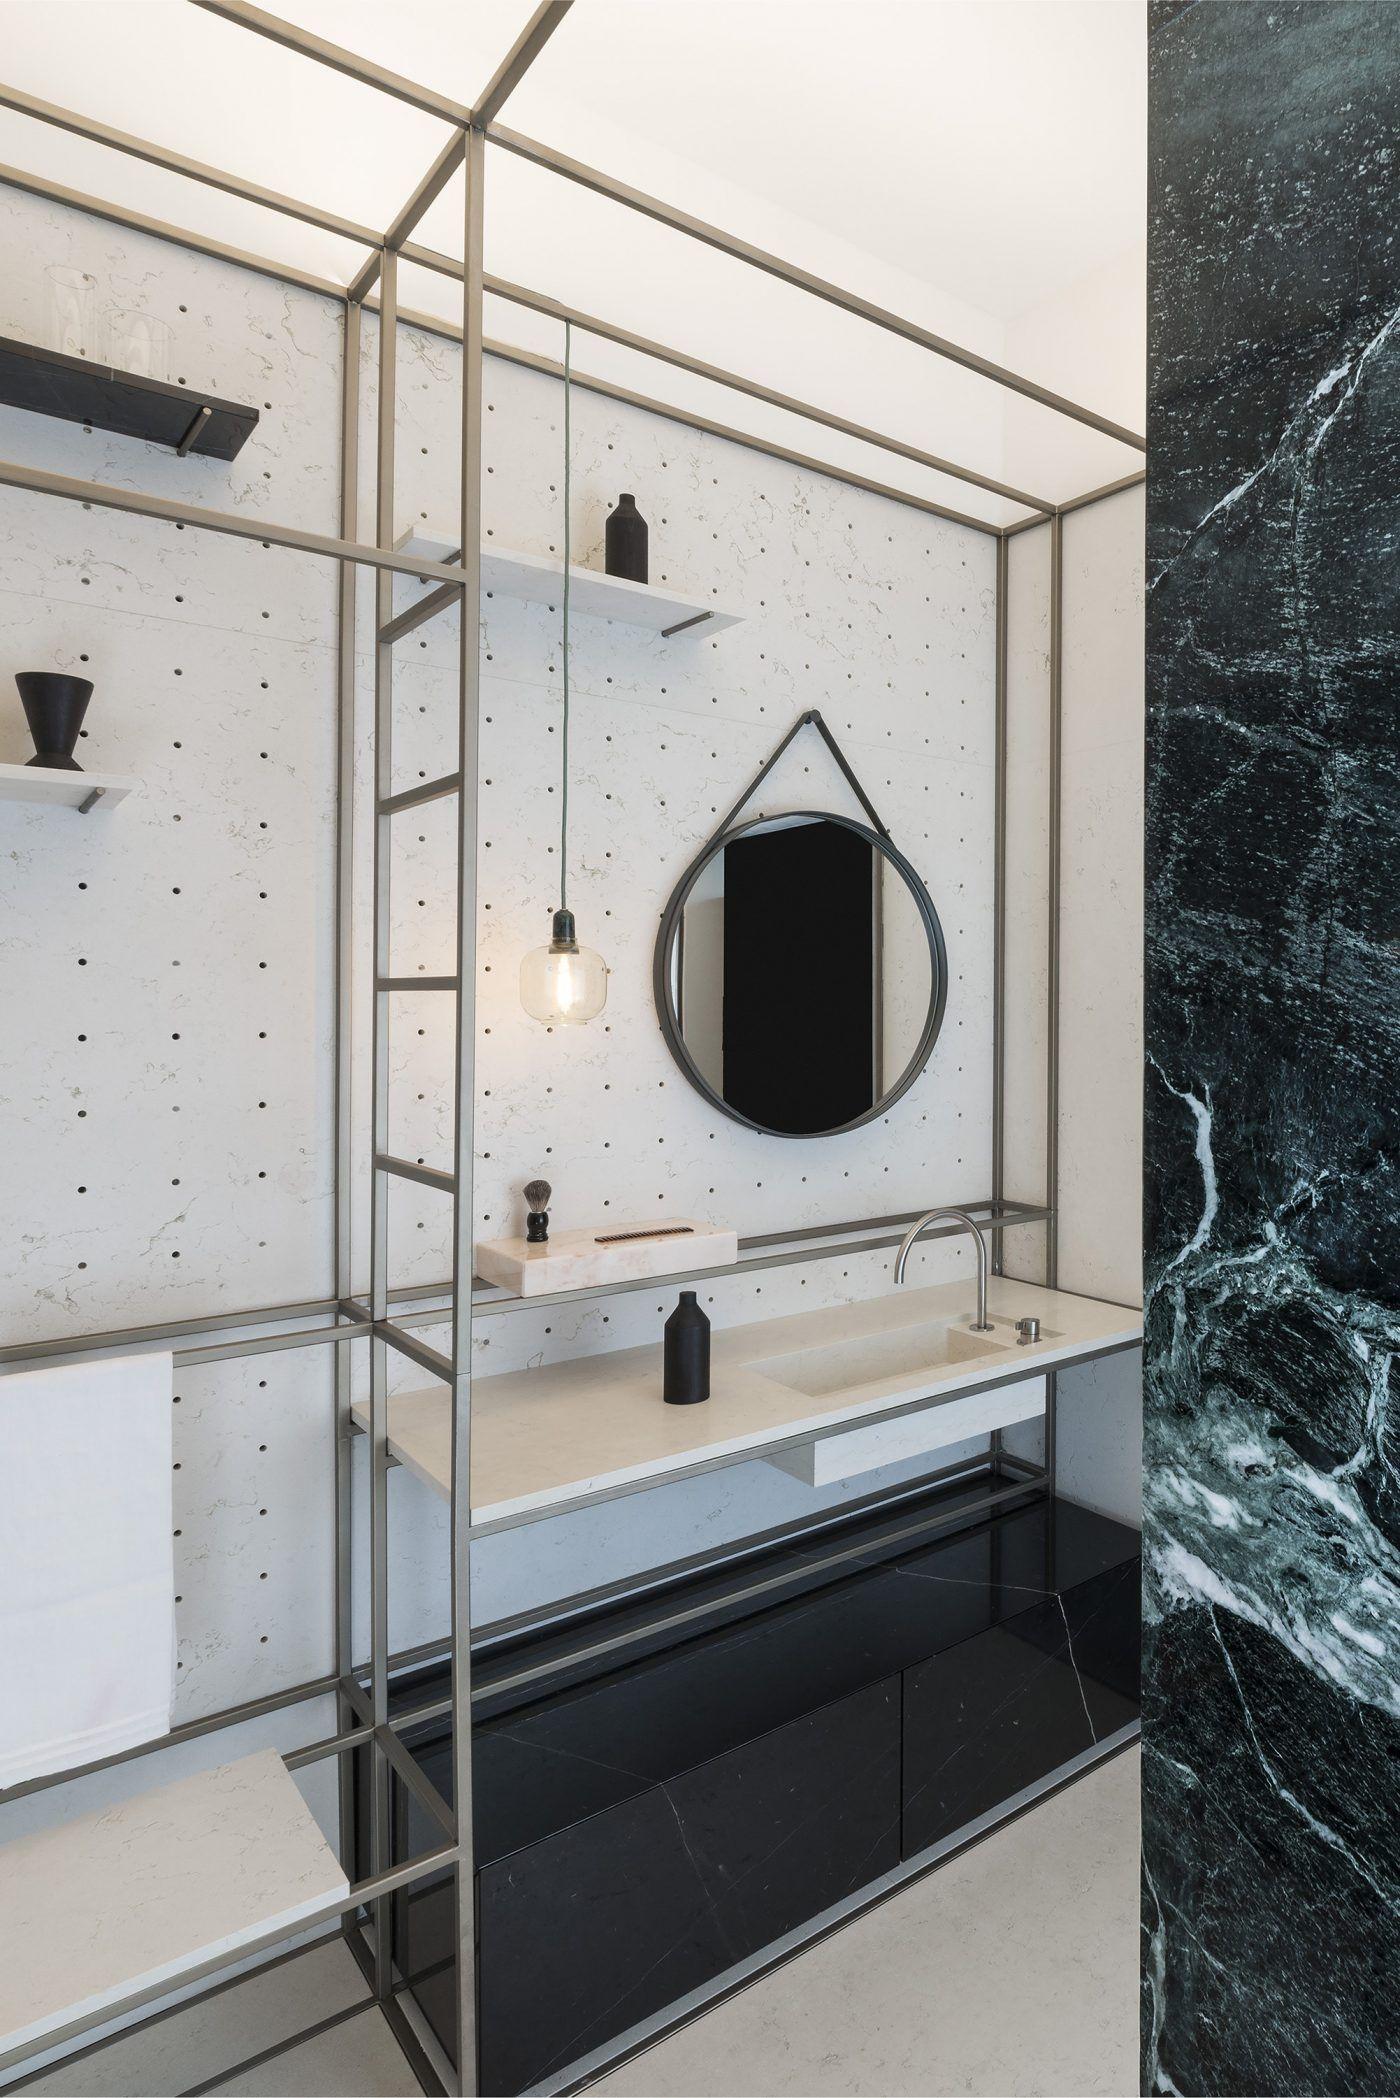 Stanza da bagno per un uomo - studio wok | Stanza da bagno ... on Stanza Da Bagno  id=54656